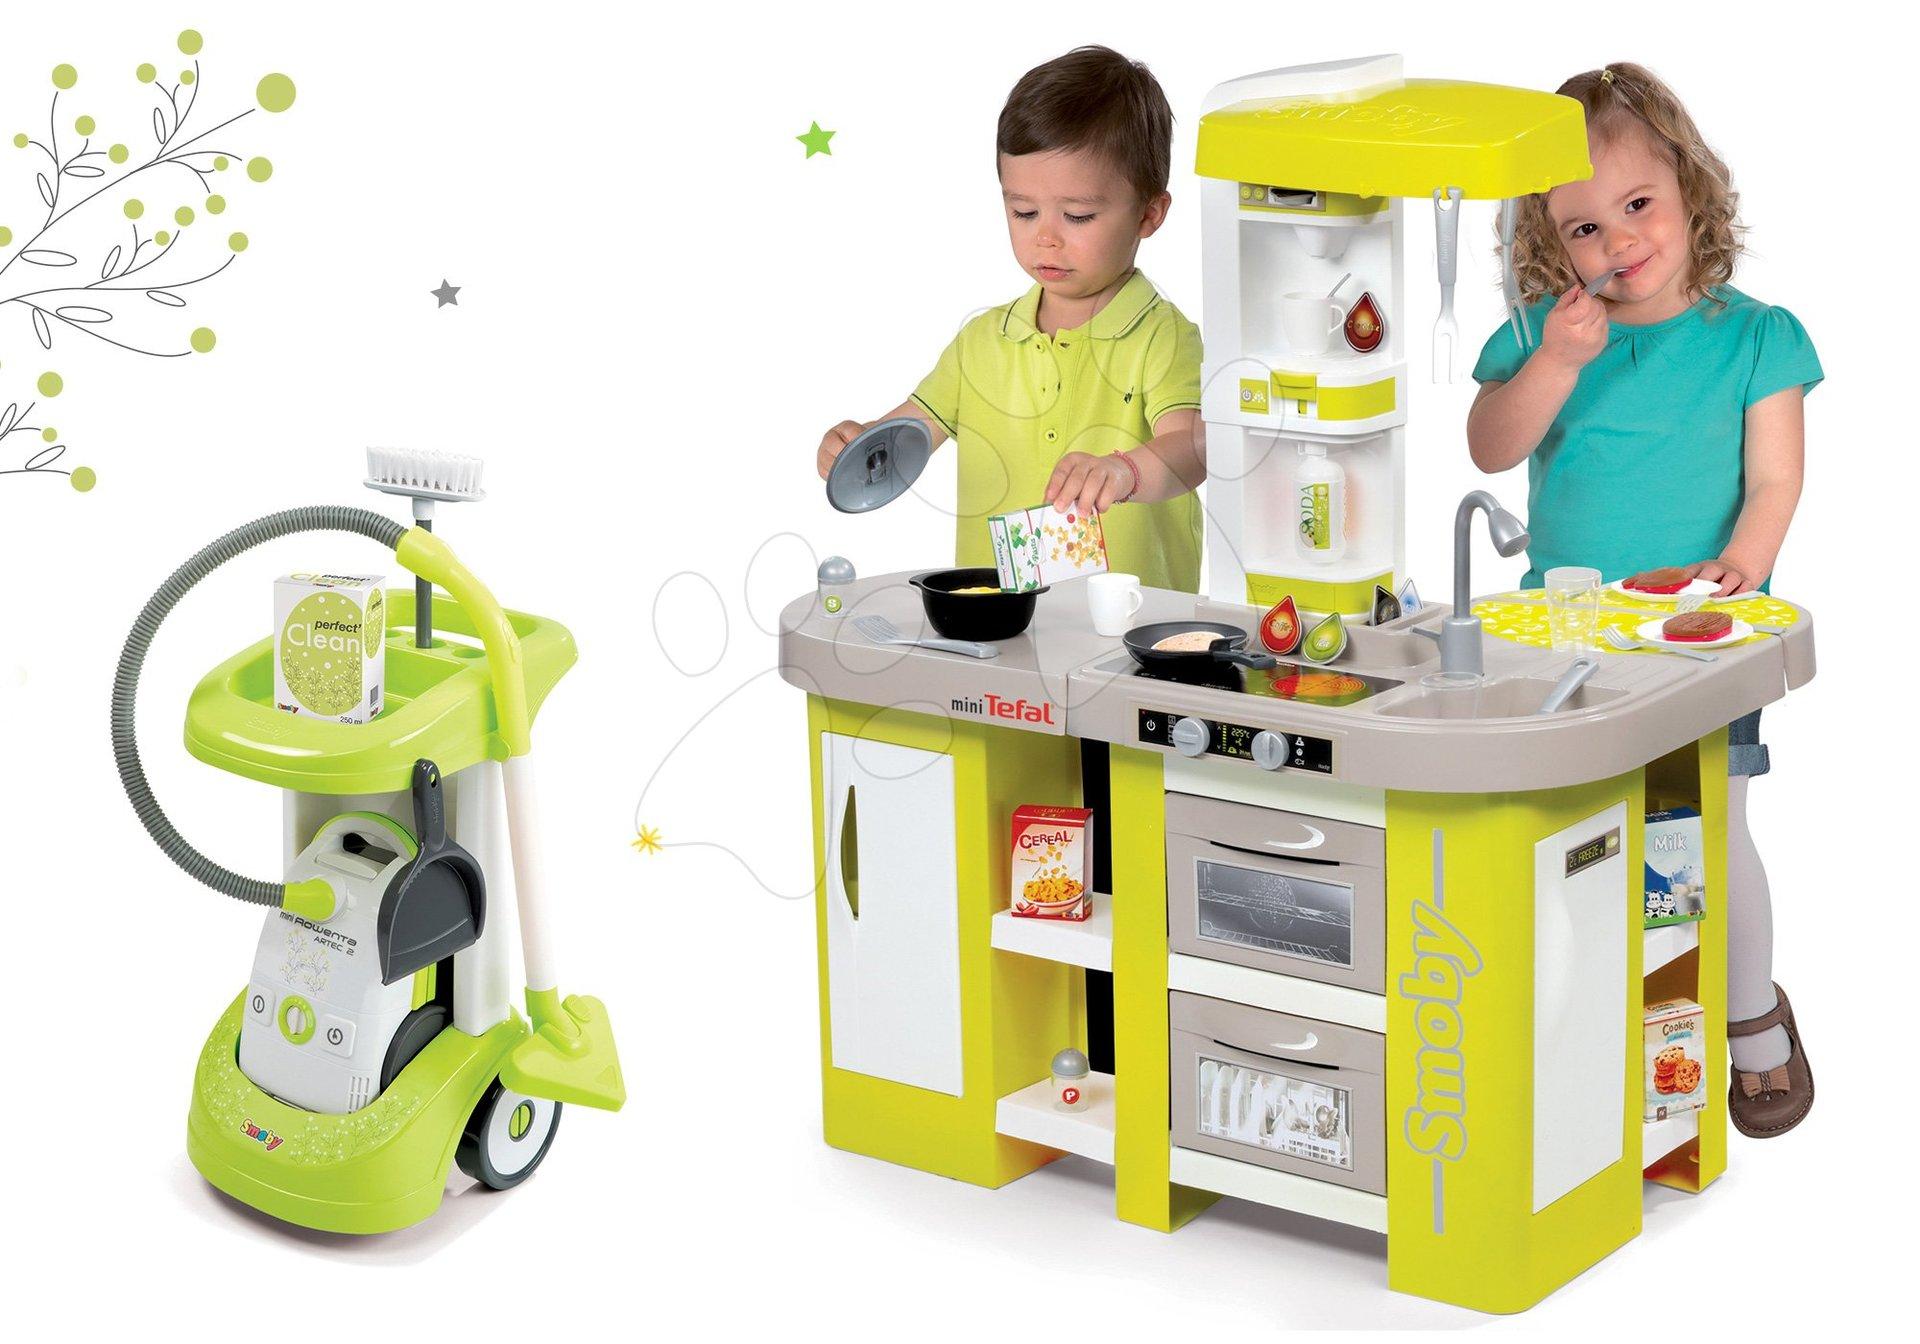 Hry na domácnosť - Set upratovací vozík Smoby s elektronickým vysávačom Rowenta a kuchynka Tefal so zvukmi